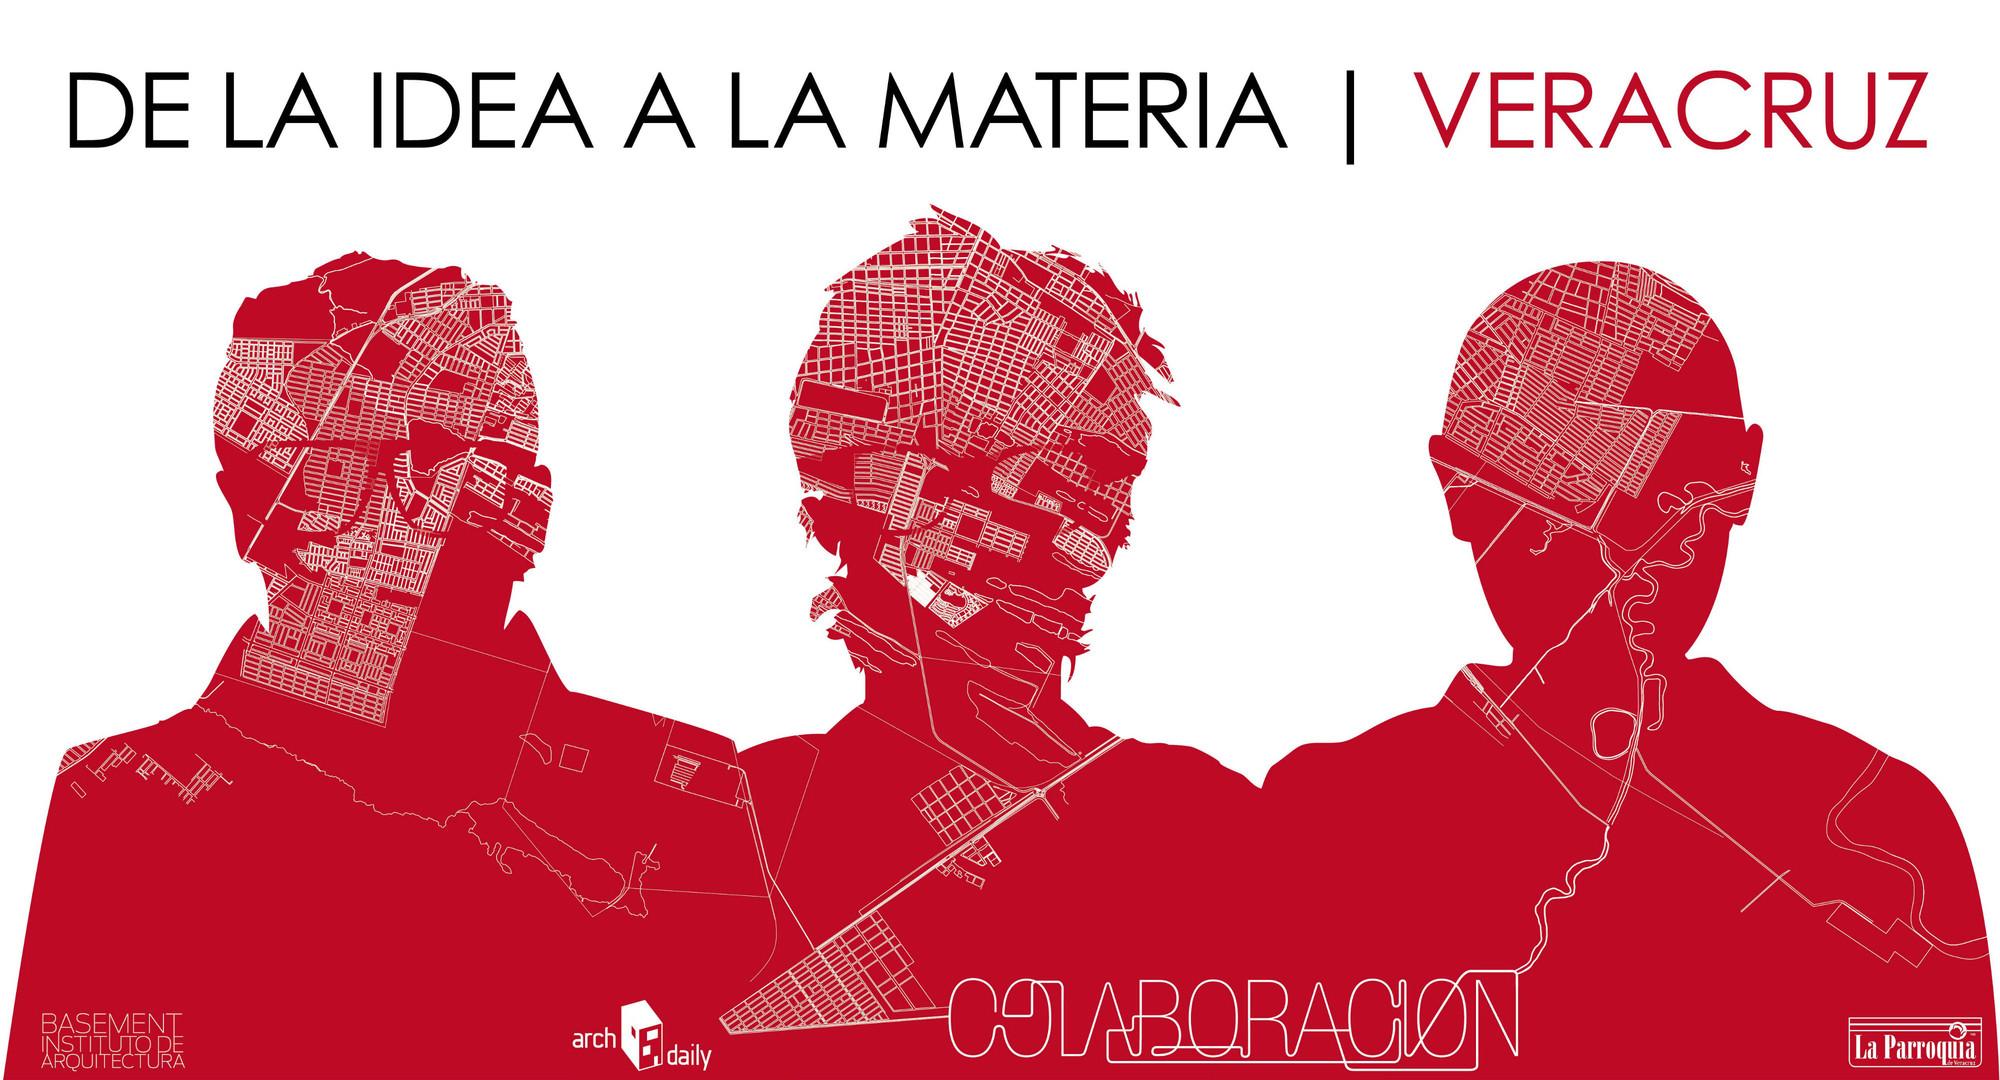 Workhsop Colaboración: De la Idea a la Materia / Veracruz